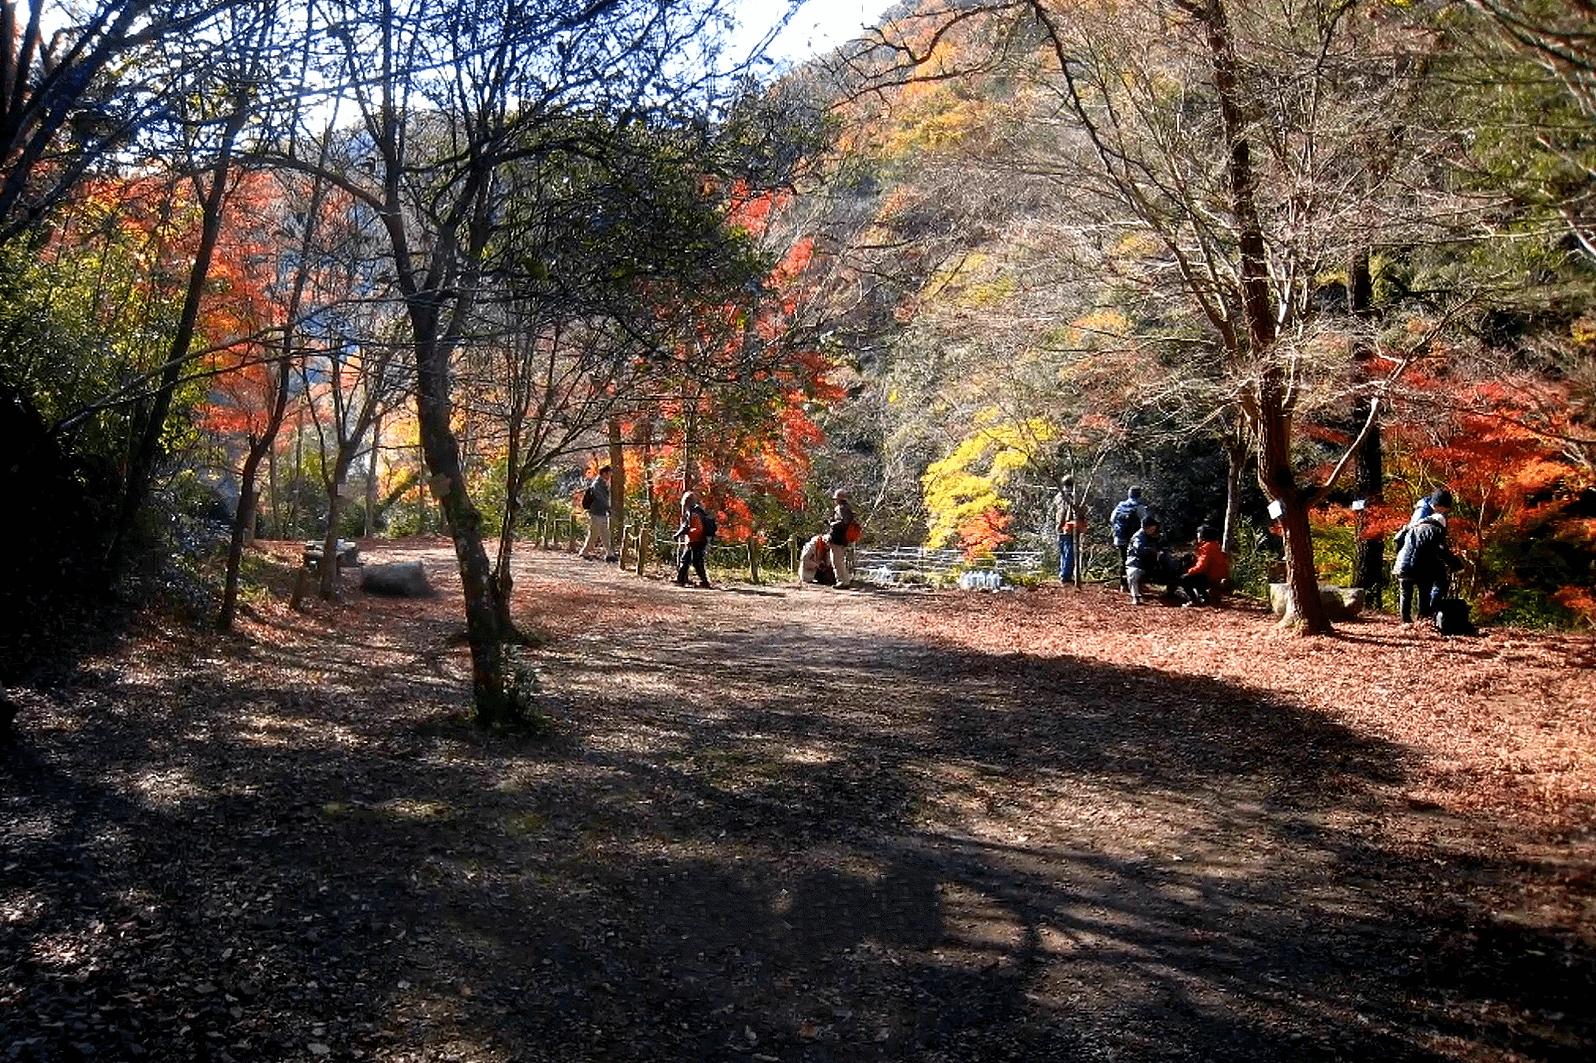 武田尾廃線敷の展望広場と親水広場と桜の園